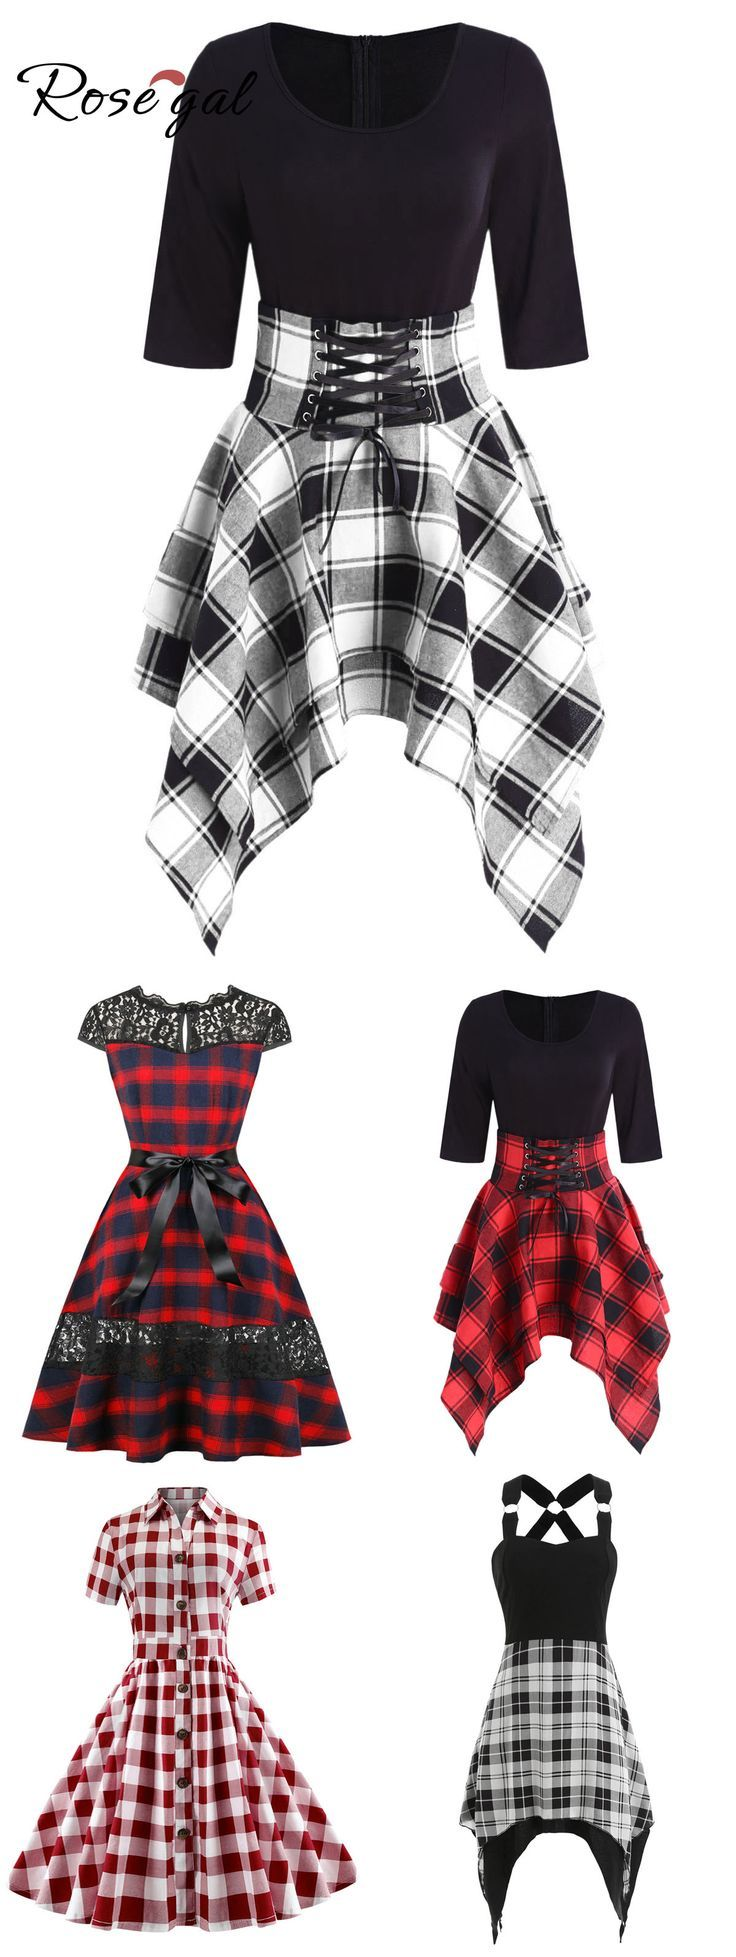 Rosegal Freizeitkleid kariertes Kleid für Damen 2